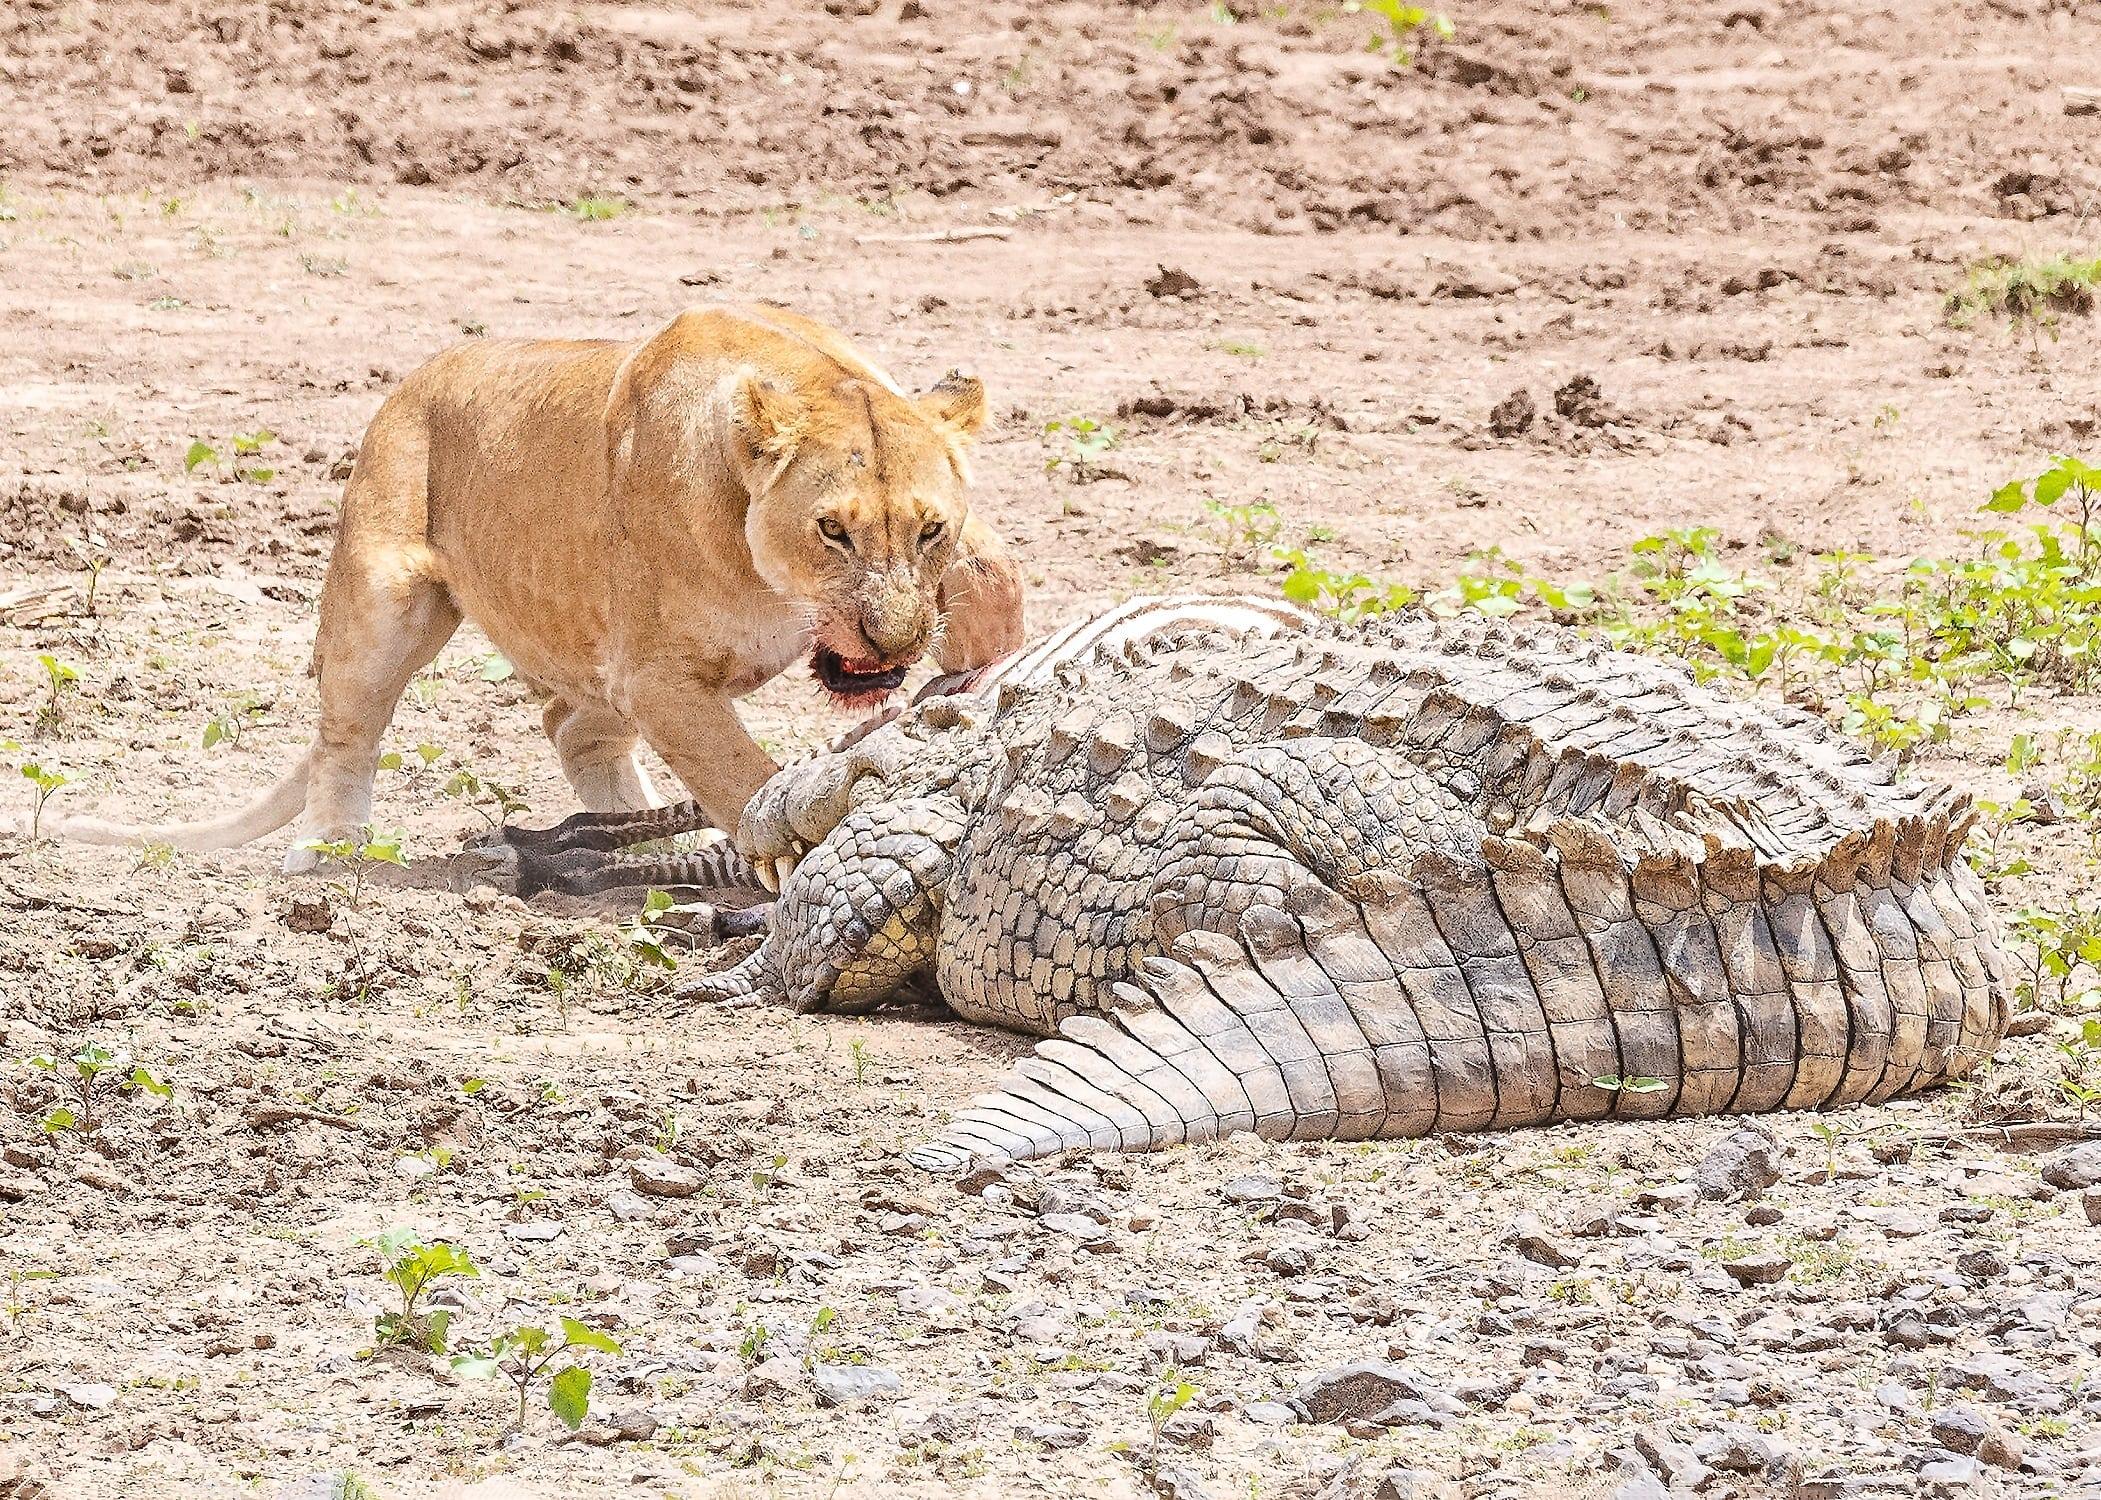 Mara River Dispute